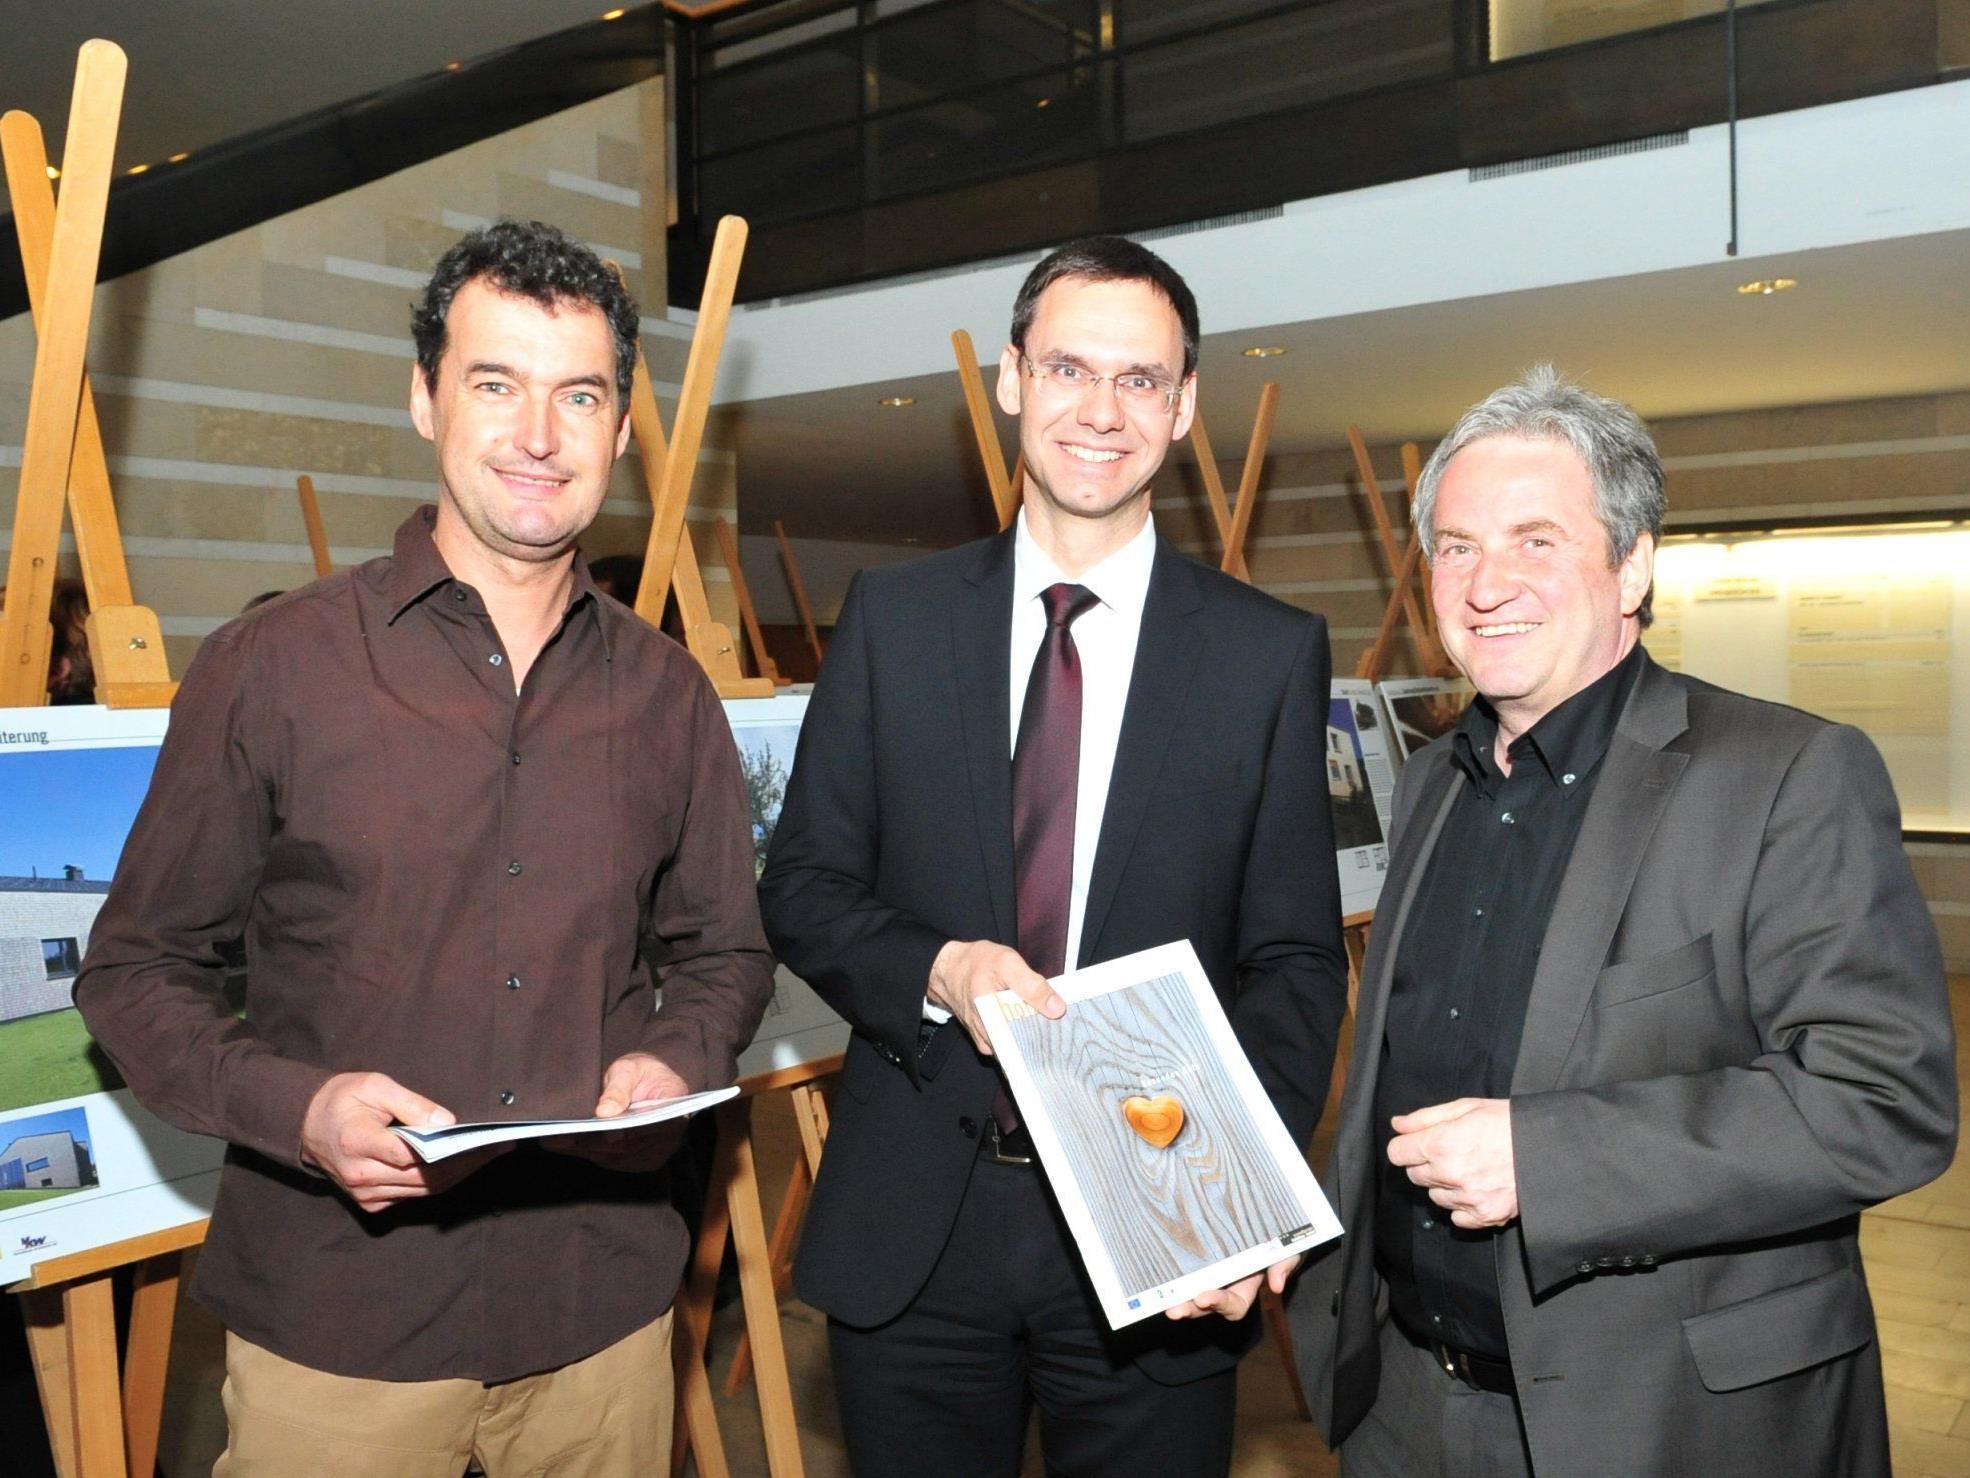 Ausstellung gesundes Holz im Landhaus eröffnet.